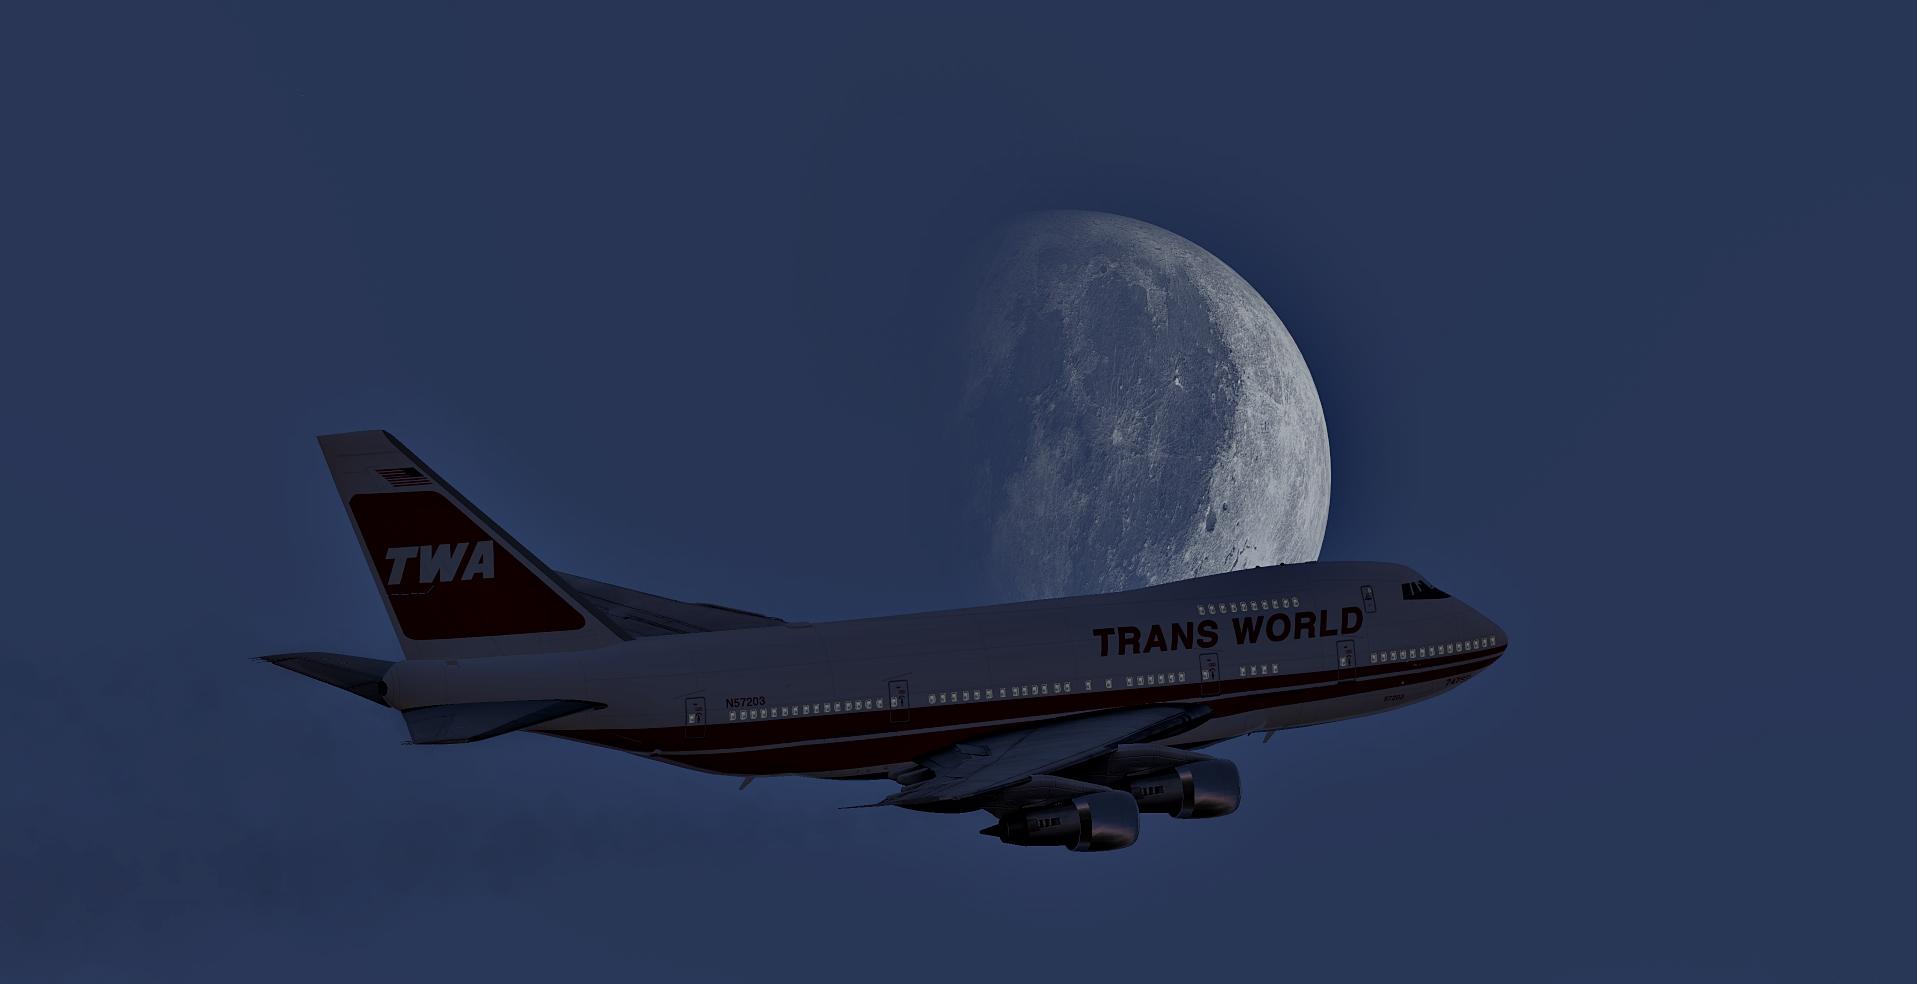 747sp31uk0n.jpg